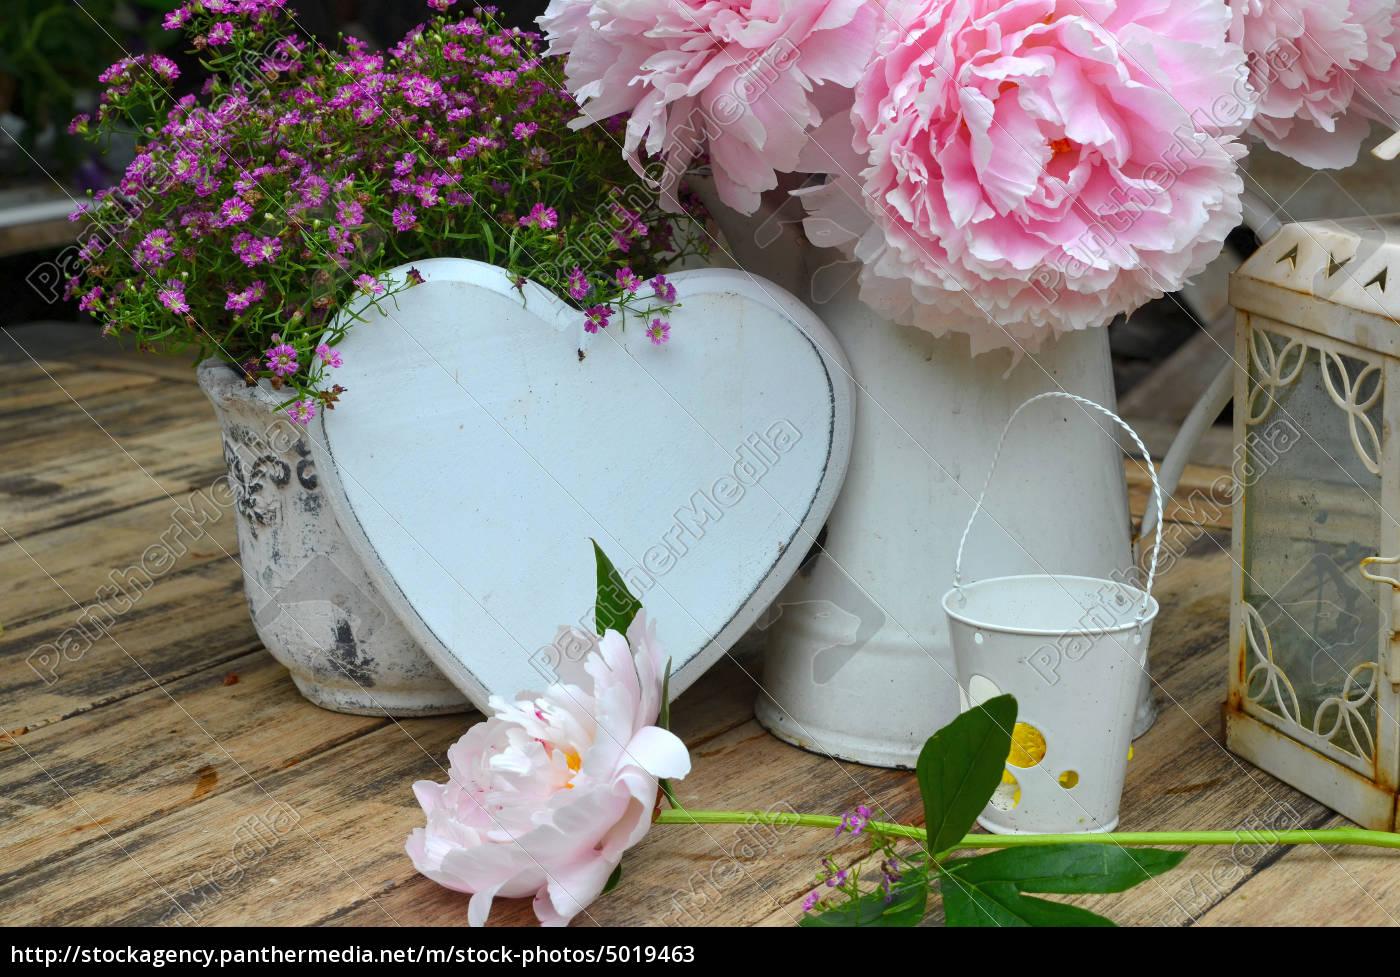 Garten Dekoration Tisch Blumen Lizenzfreies Bild 5019463